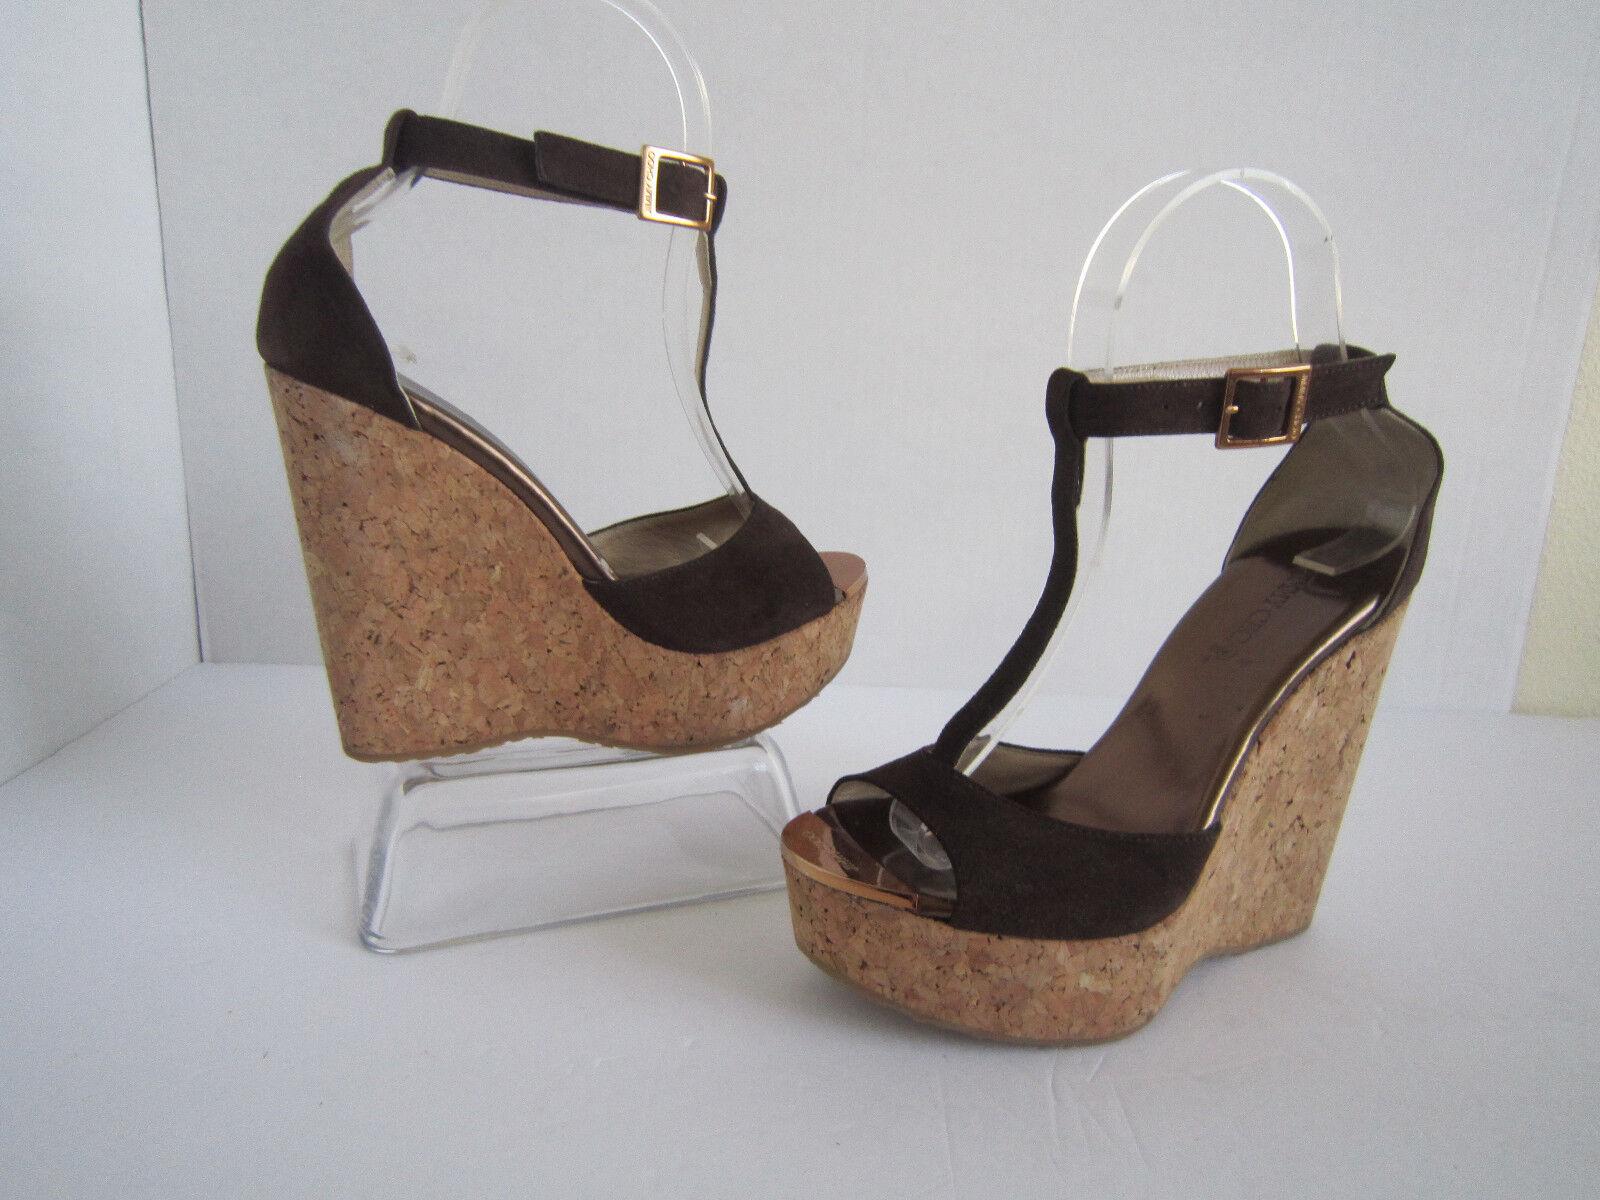 Jimmy Choo Pela T Strap Bar Cork Wedge Wedge Wedge Sandals Sz 35.5 ac7edd